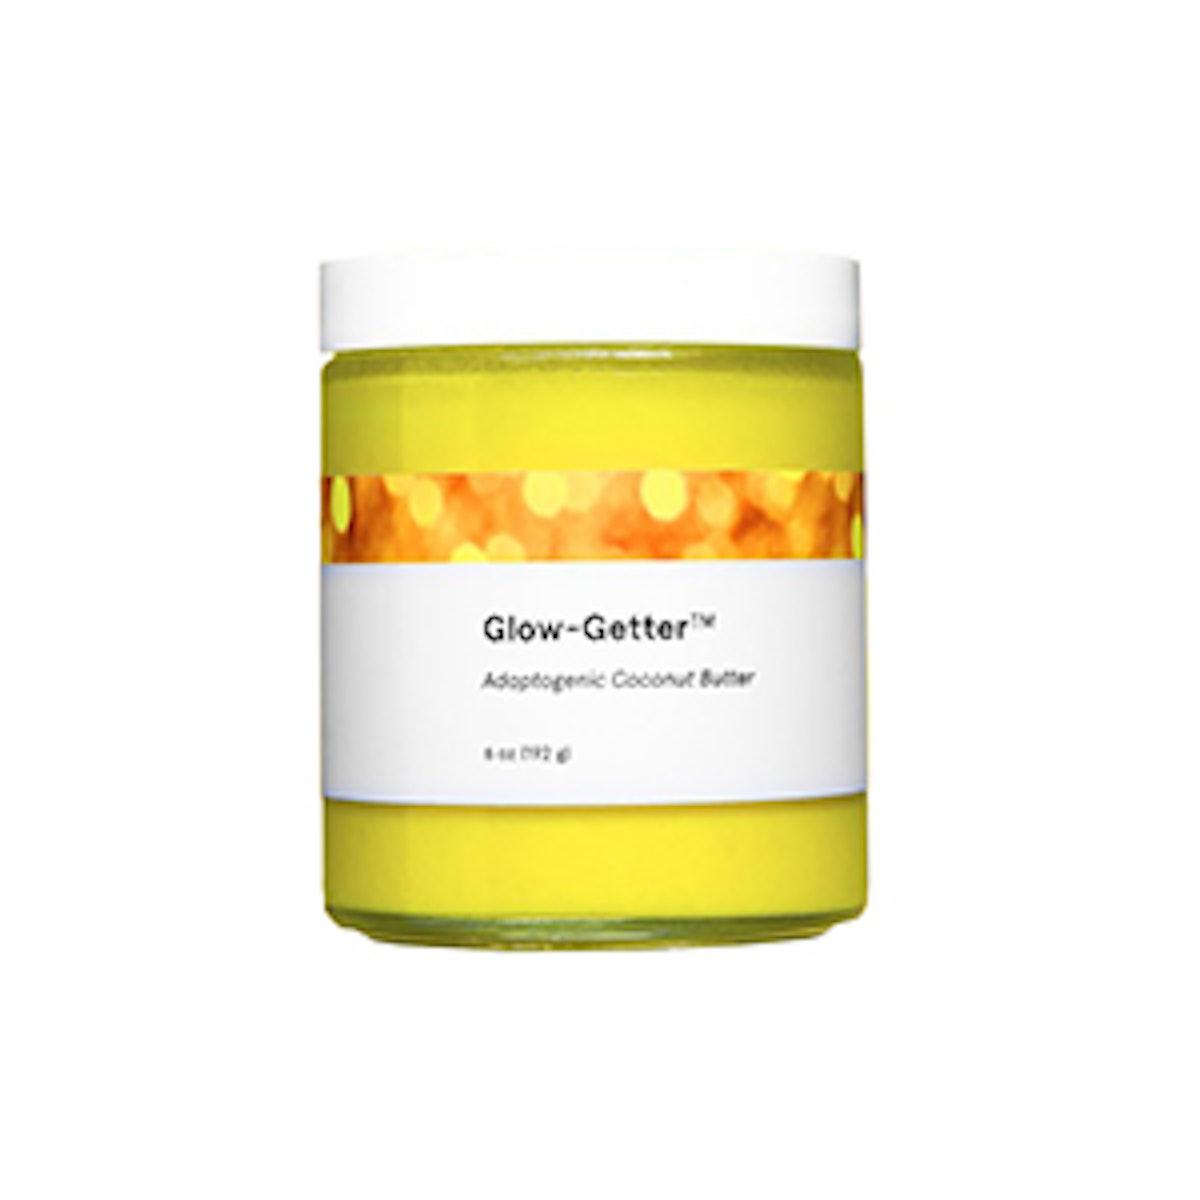 Glow Getter